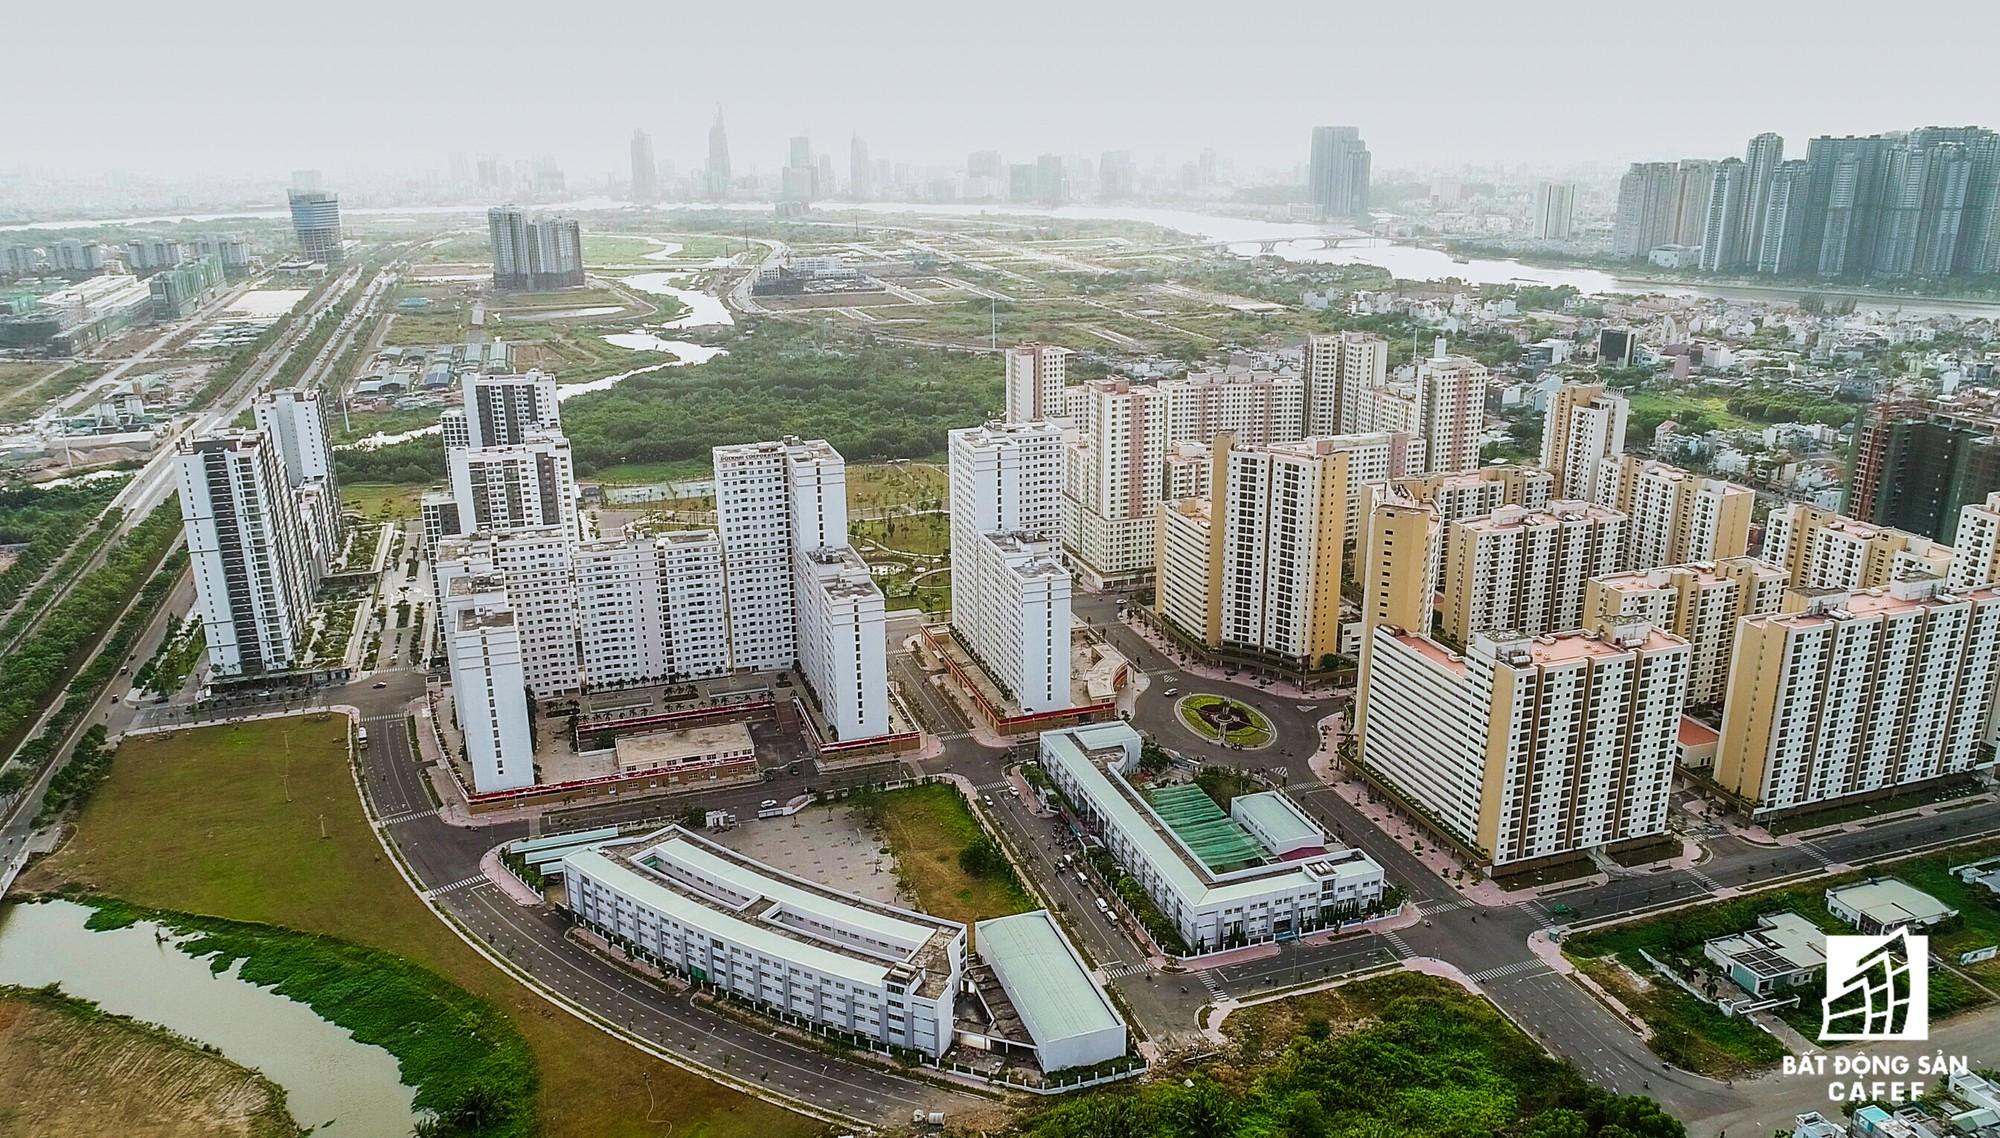 Toàn cảnh khu tái định cư đồ sộ nhất TPHCM, chục nghìn căn hộ không ai ở, bán đấu giá nhiều lần thất bại - Ảnh 7.